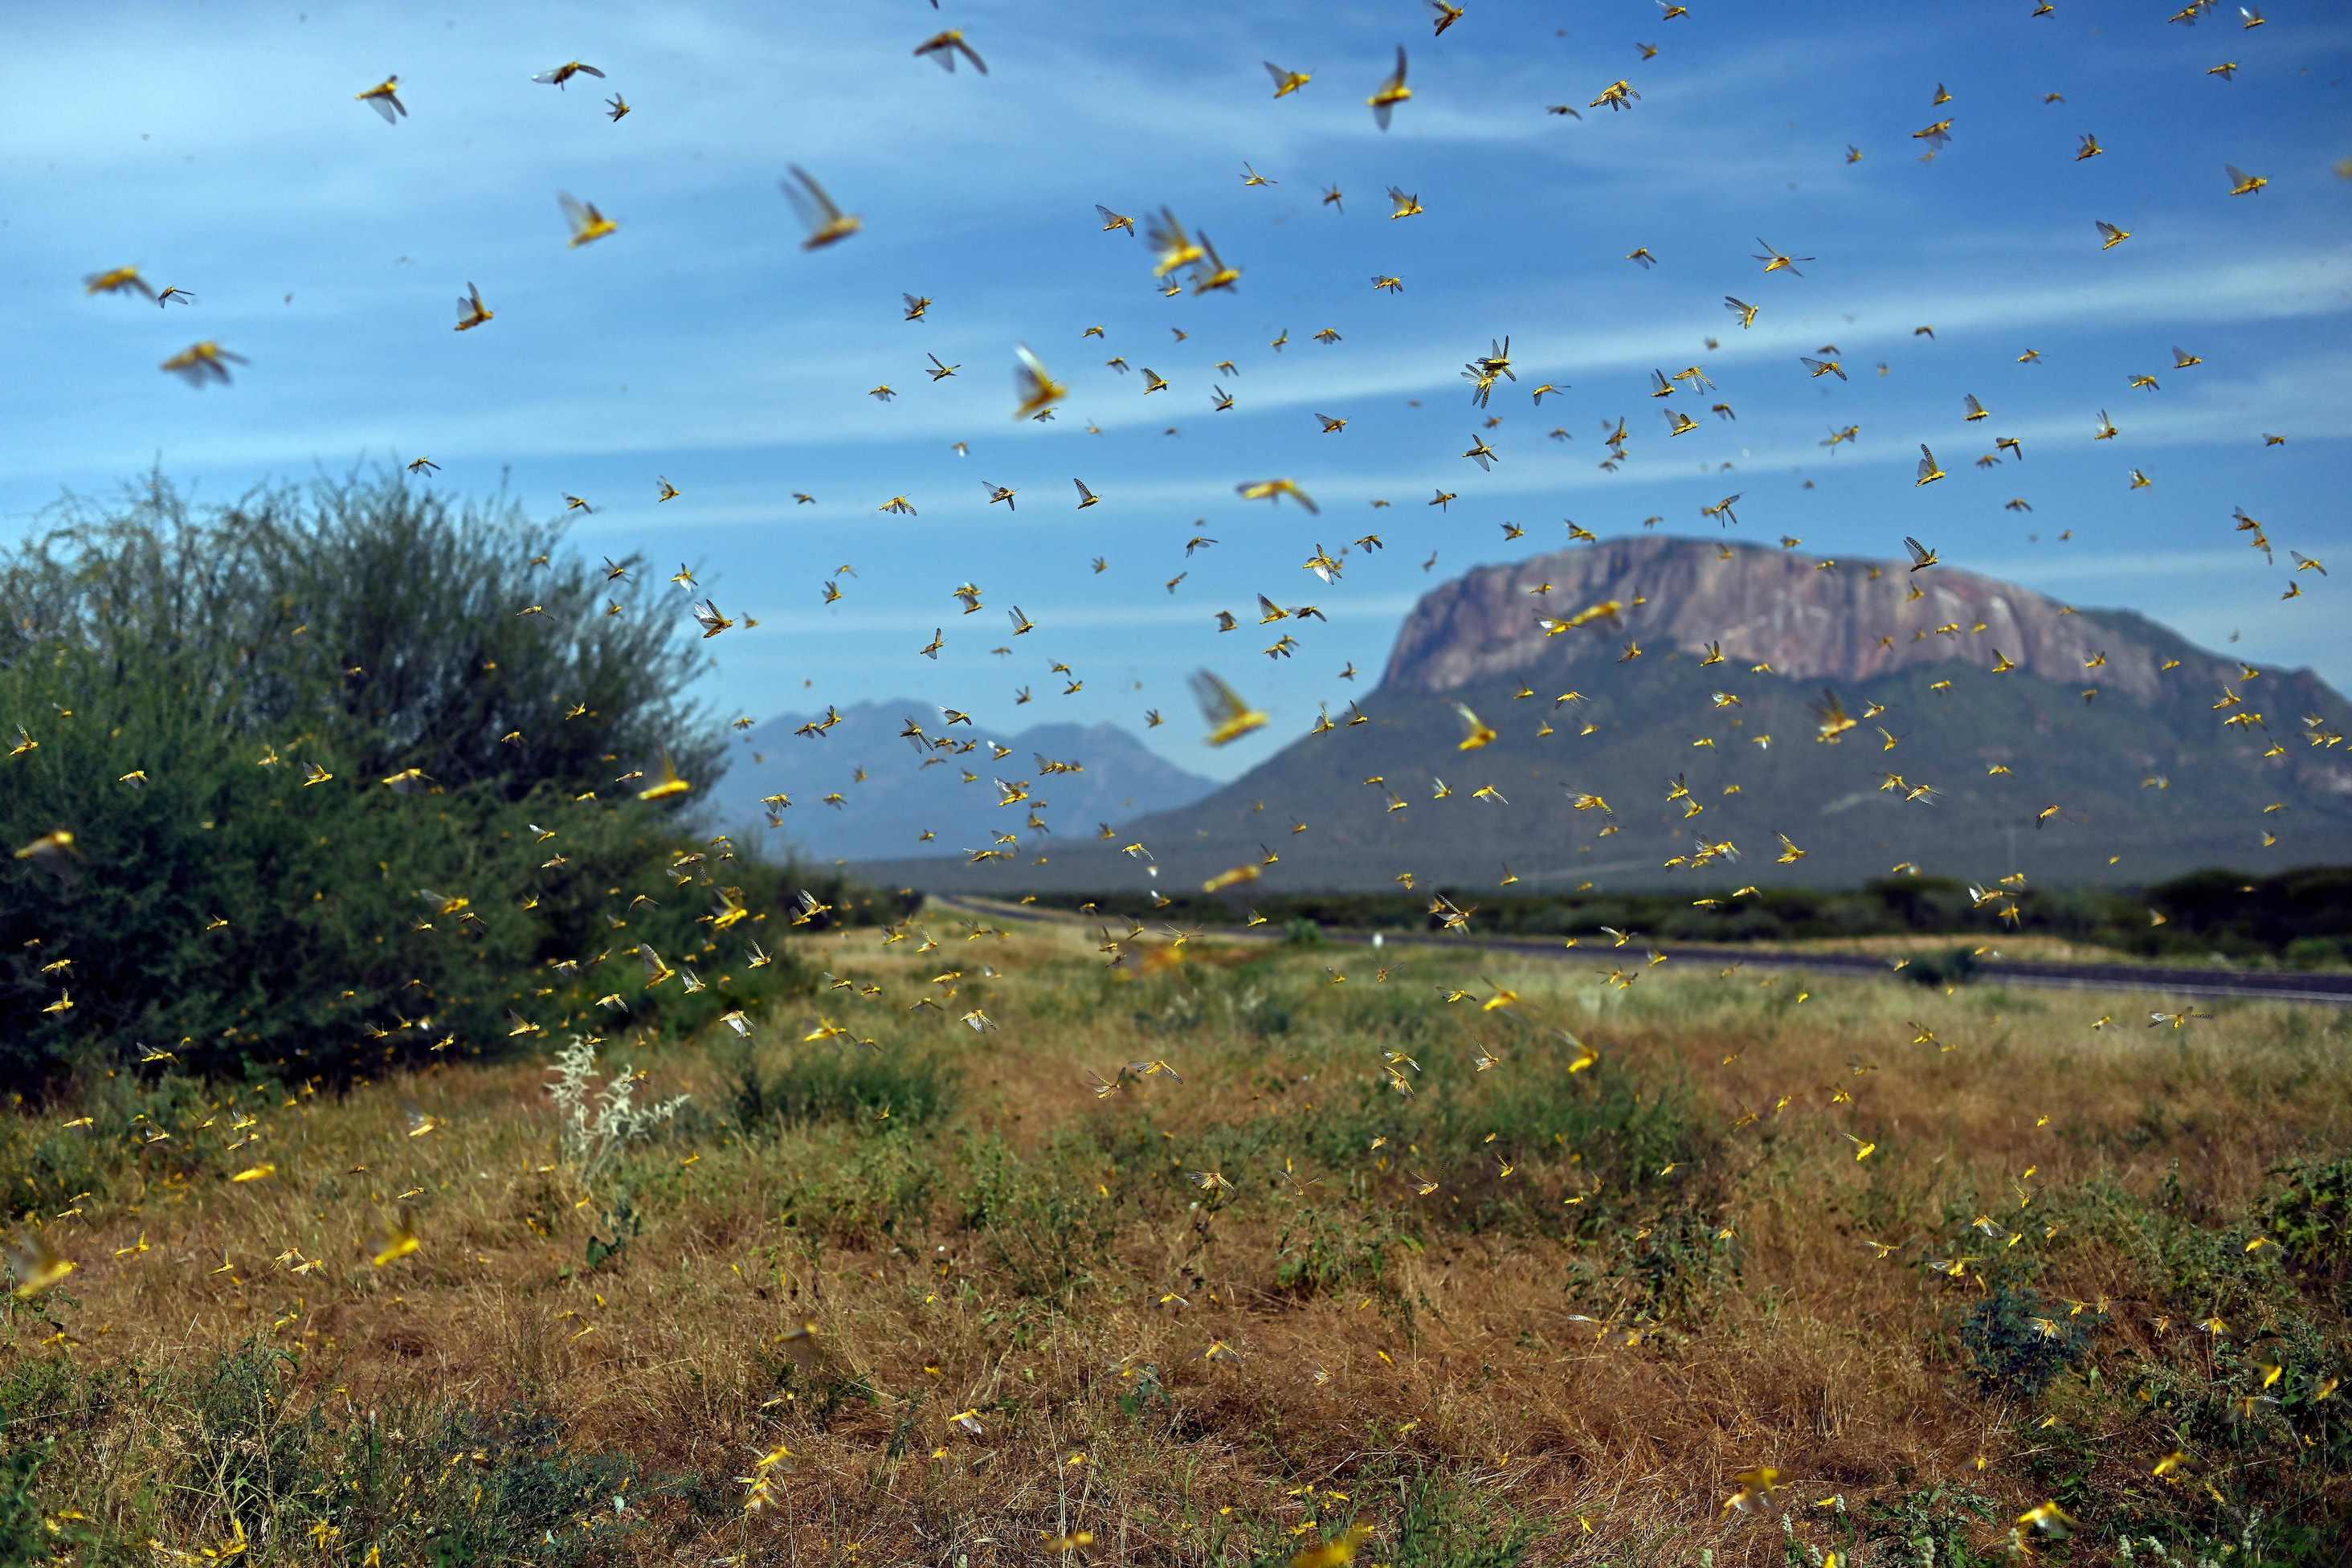 Image of locusts swarming in the Samburu area of Kenya